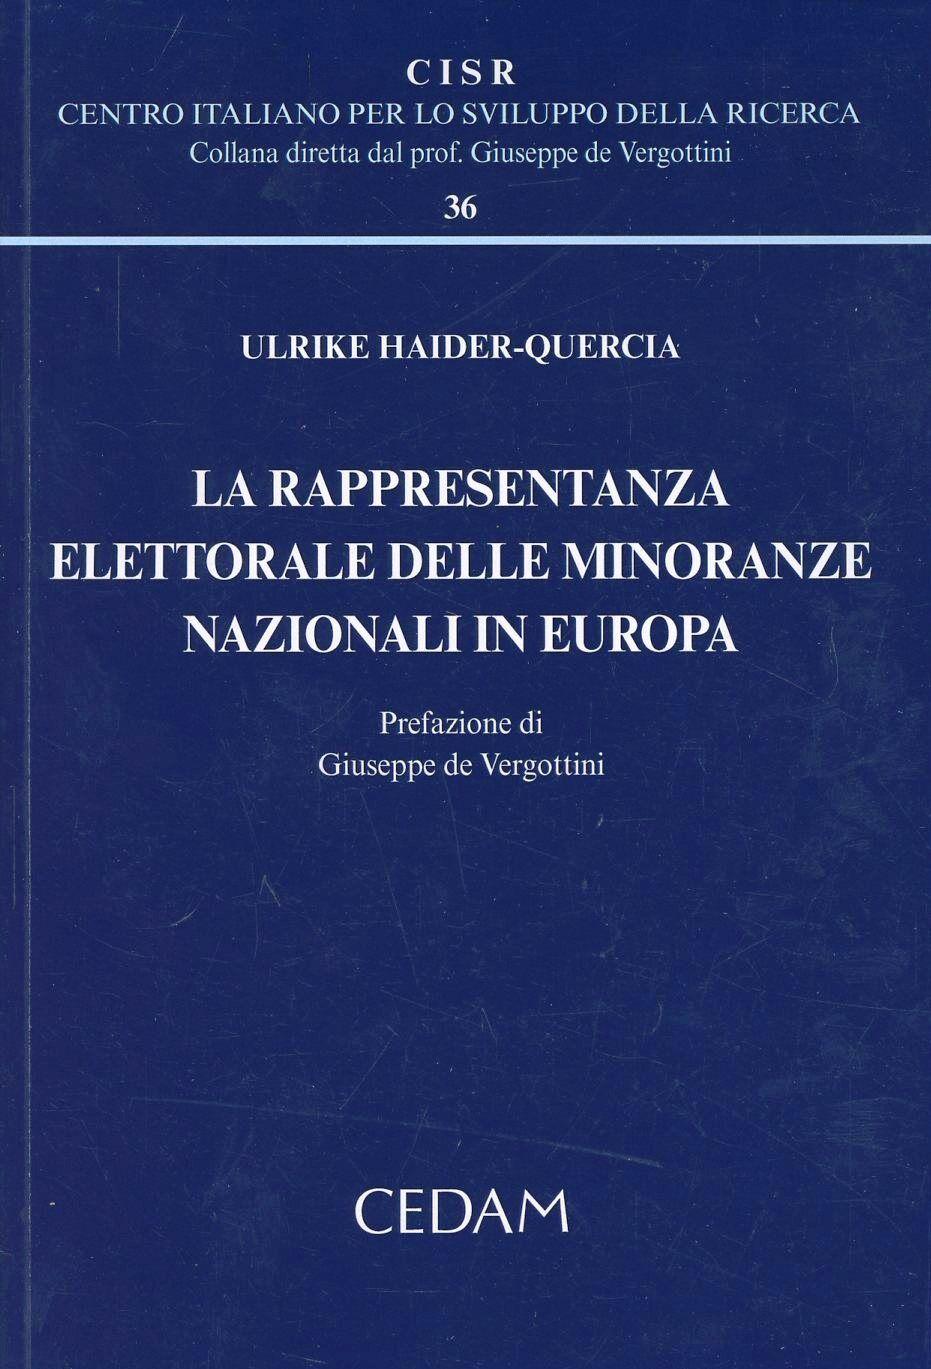 La rappresentanza elettorale delle minoranze nazionali in Europa